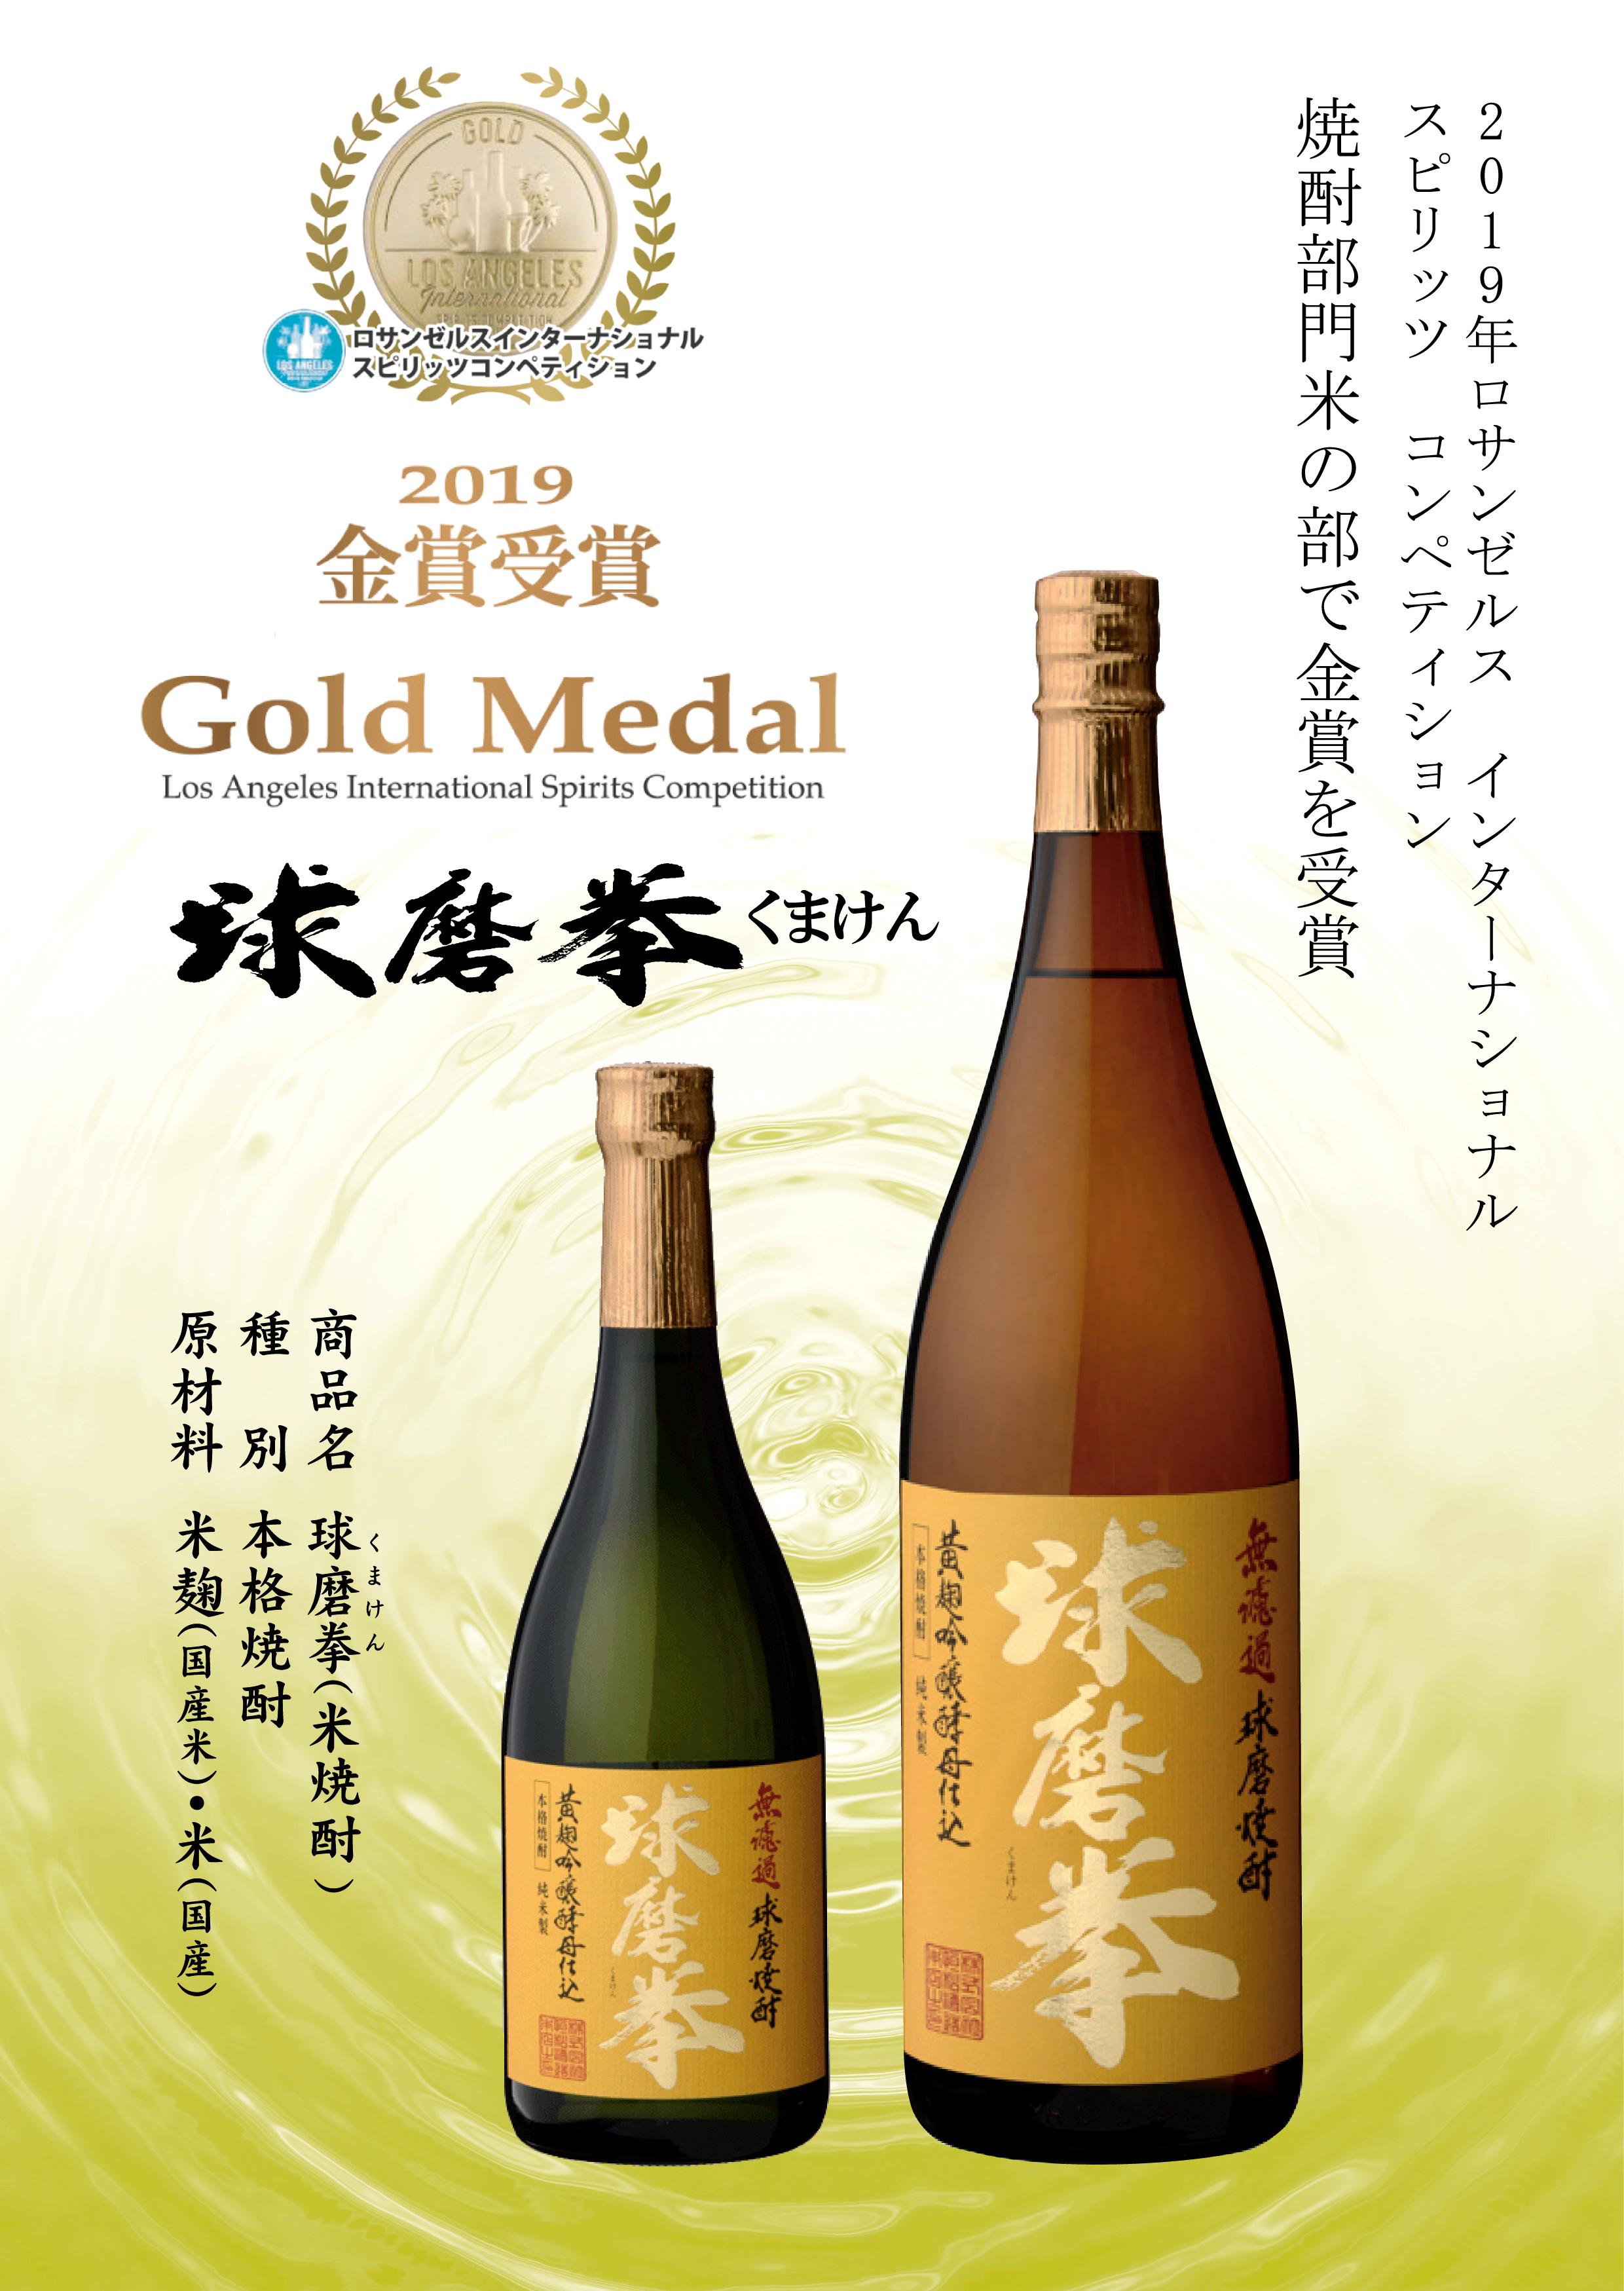 球磨拳ゴールドメダル受賞2019